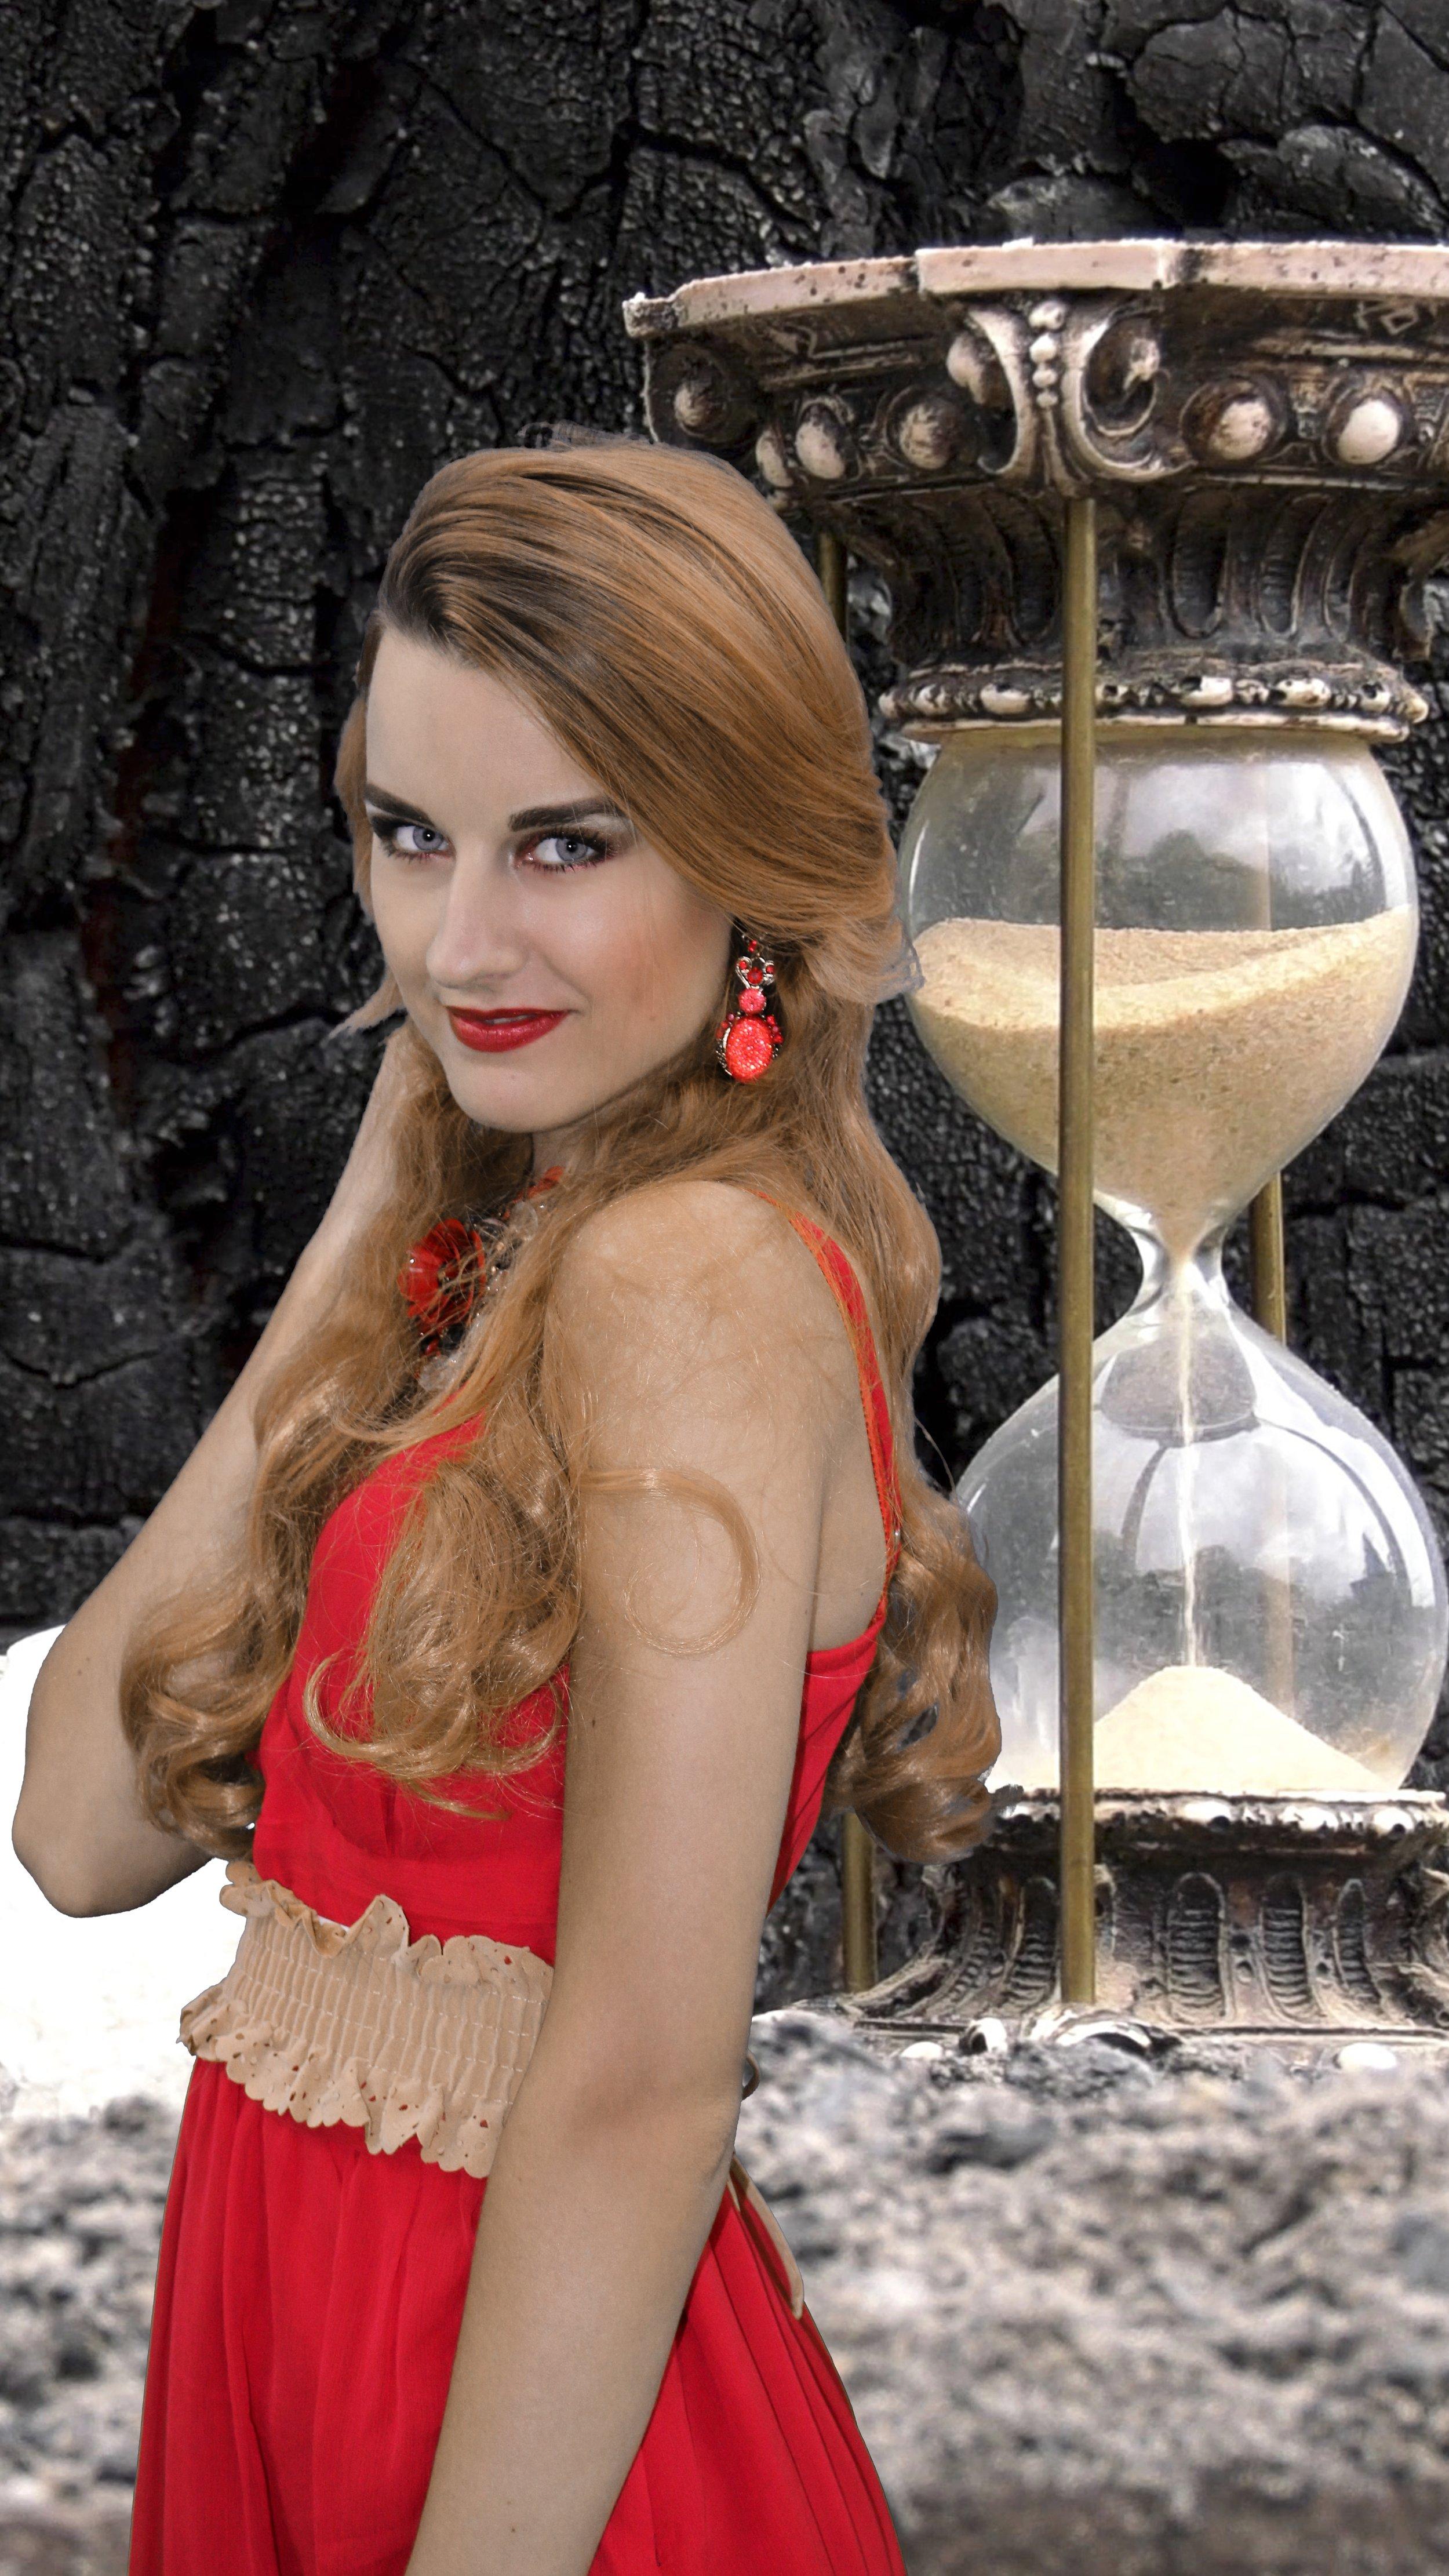 2017-05-14 Ivana Raymonda van der Veen - Hourglass (28).jpg